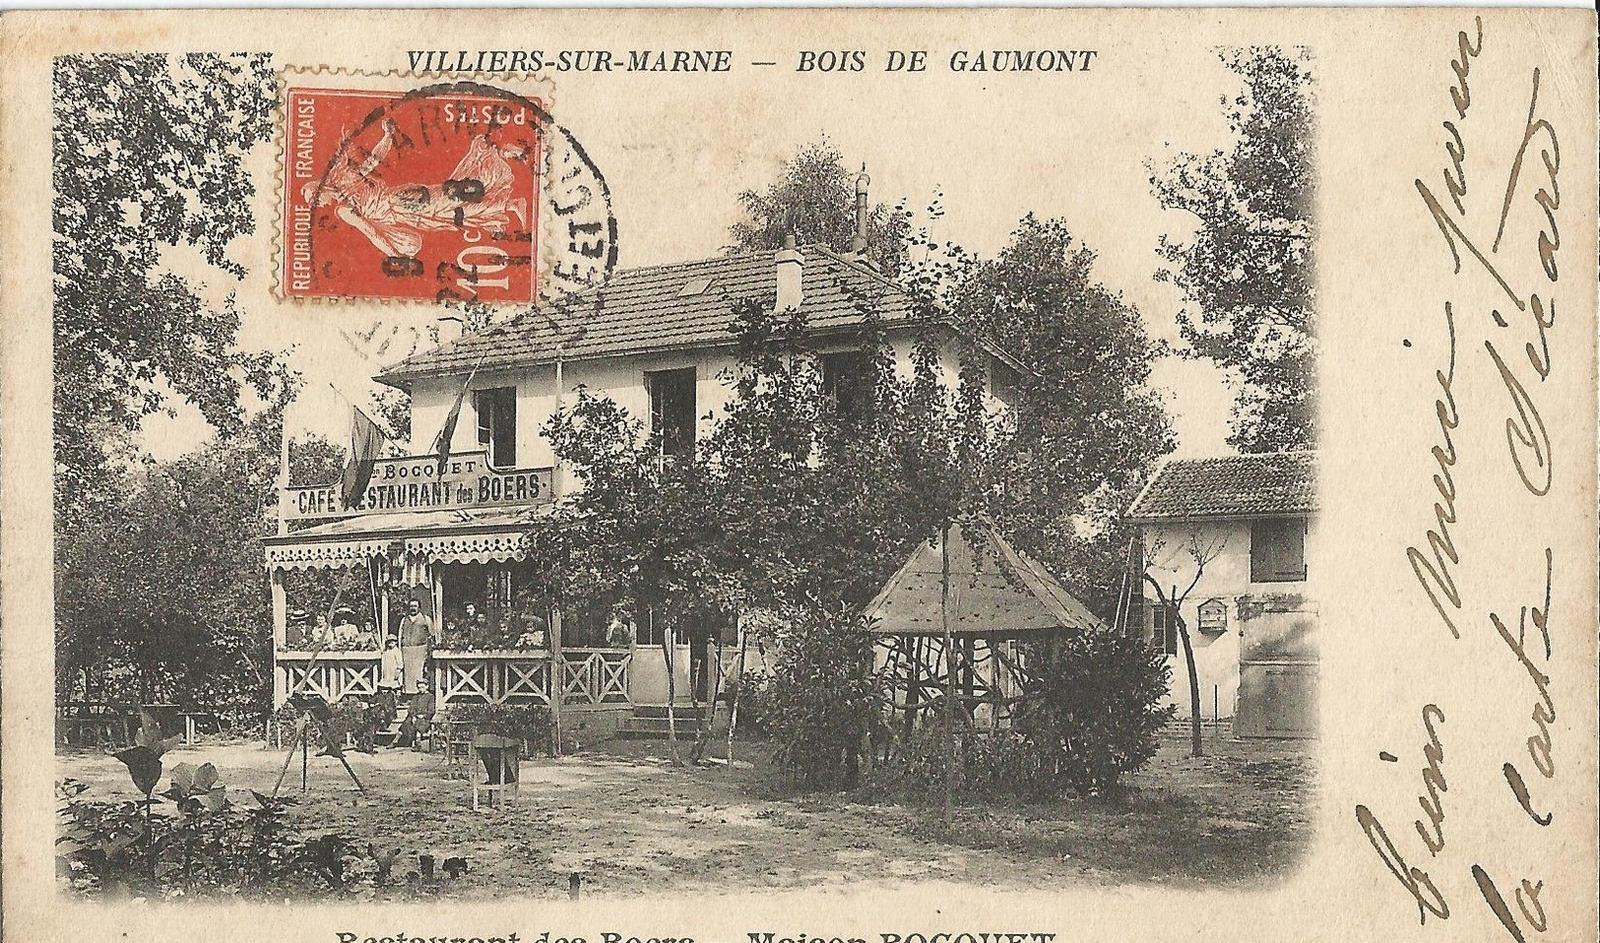 Villiers Sur Marne Bois De Gaumont Restaurant Des Boers Maison Bocquet Carte Postale Ancienne Et Vue D Hier Et Aujourd Hui Geneanet